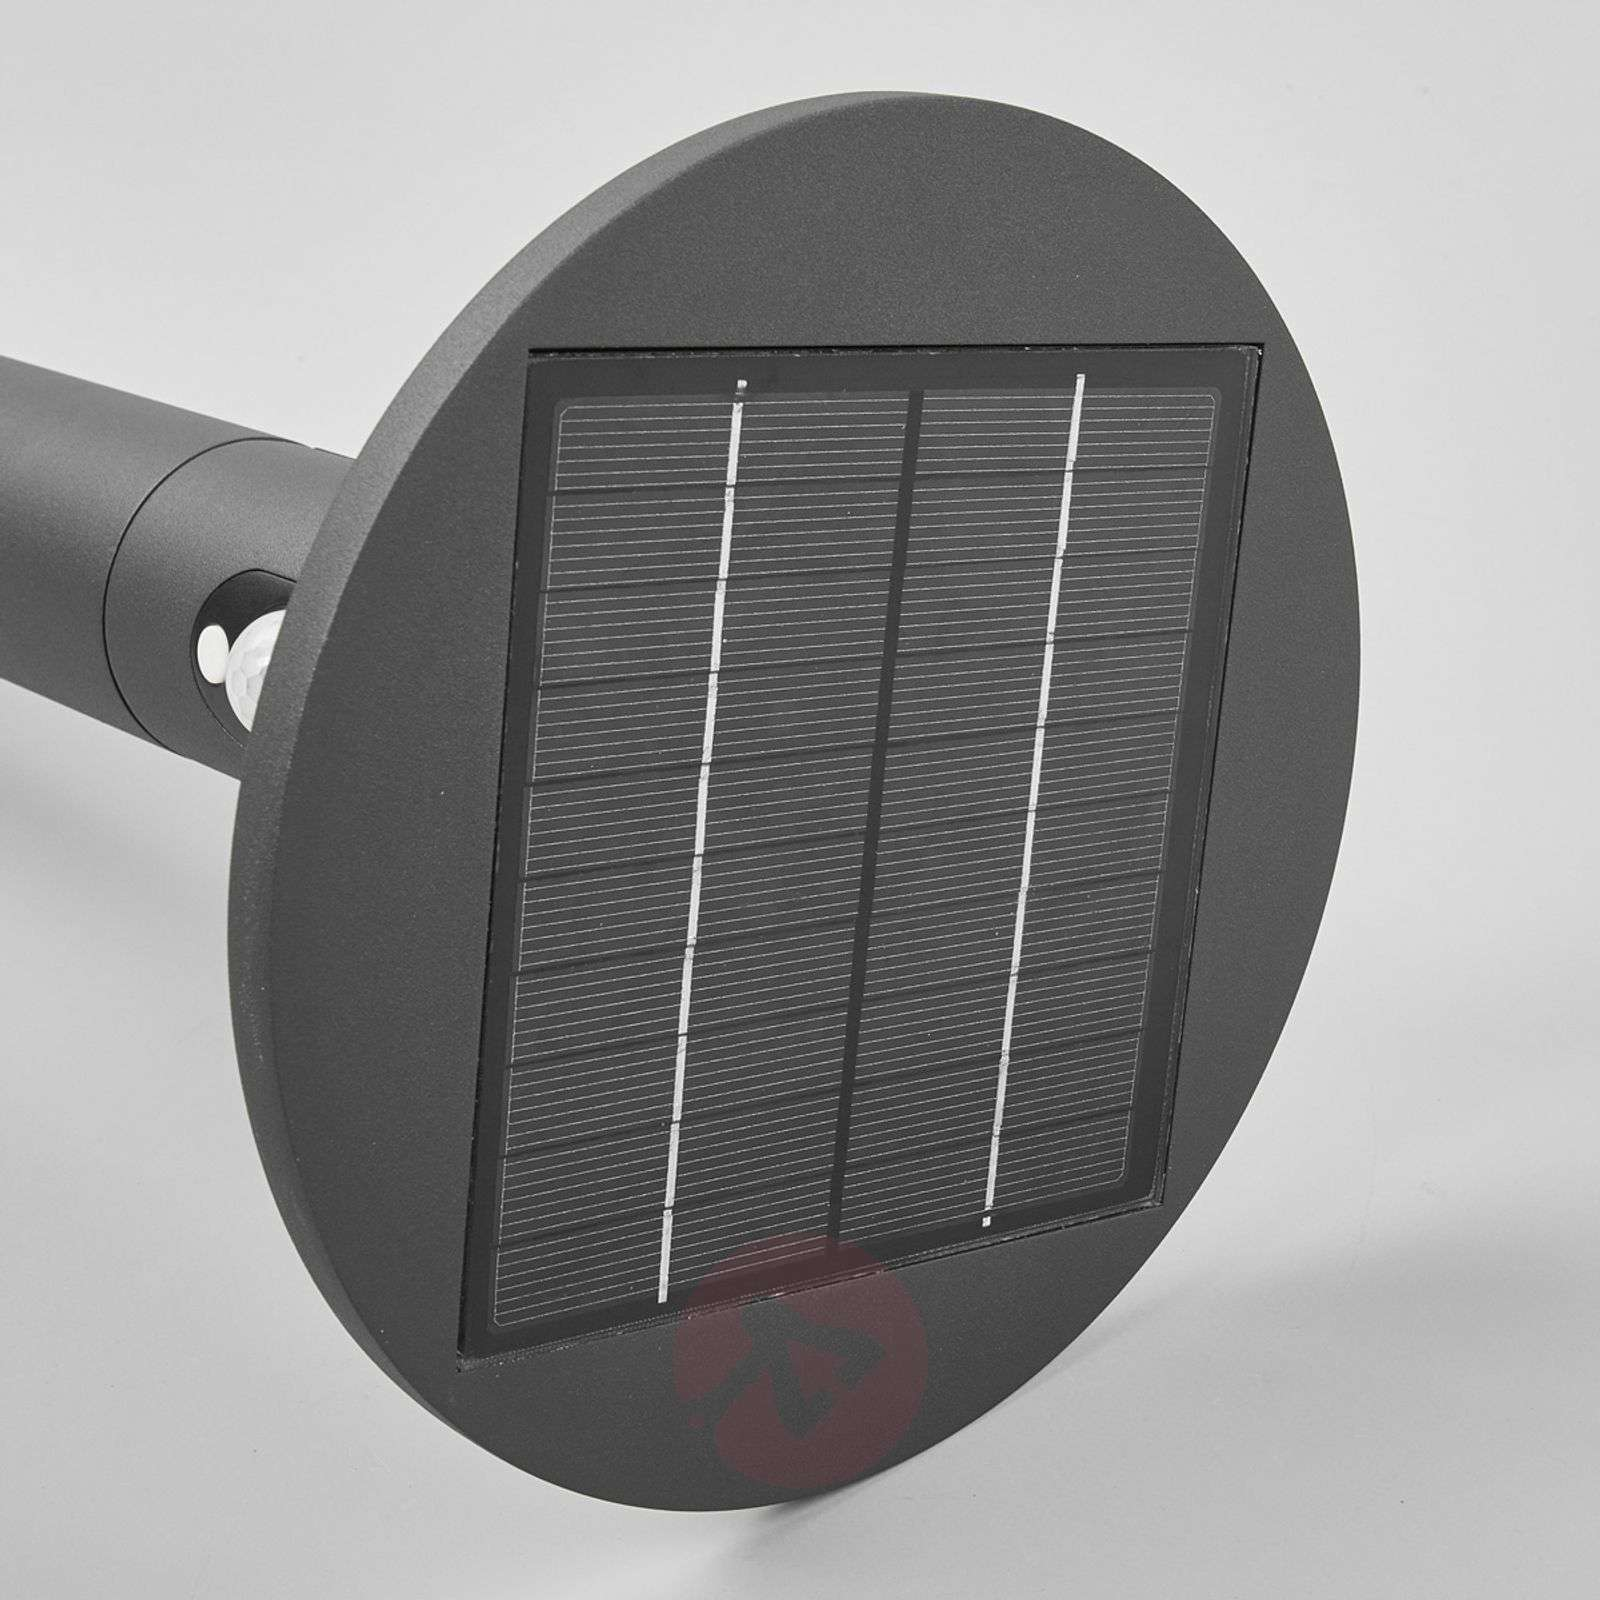 Jersy-LED-pylväsvalaisin aurinkopaneelilla, 100 cm-9619068-05